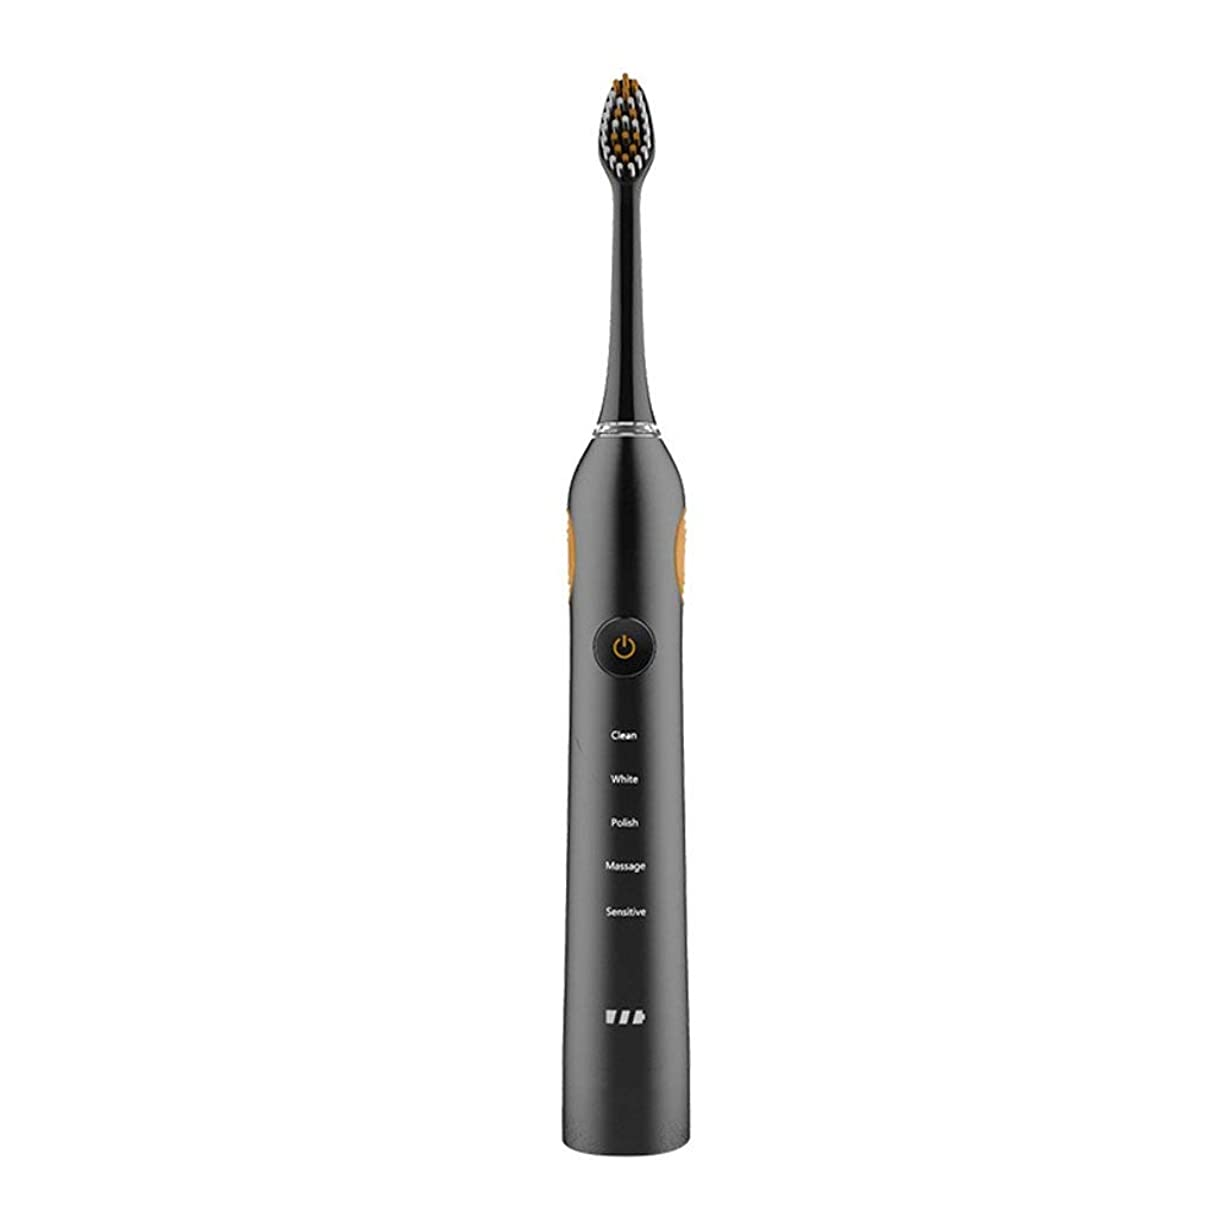 ブルジョンリクルートヘクタール音波歯ブラシIPX7防水電動歯ブラシ低ノイズ電動歯ブラシ2交換ヘッド5ブラッシングモード(色:B)